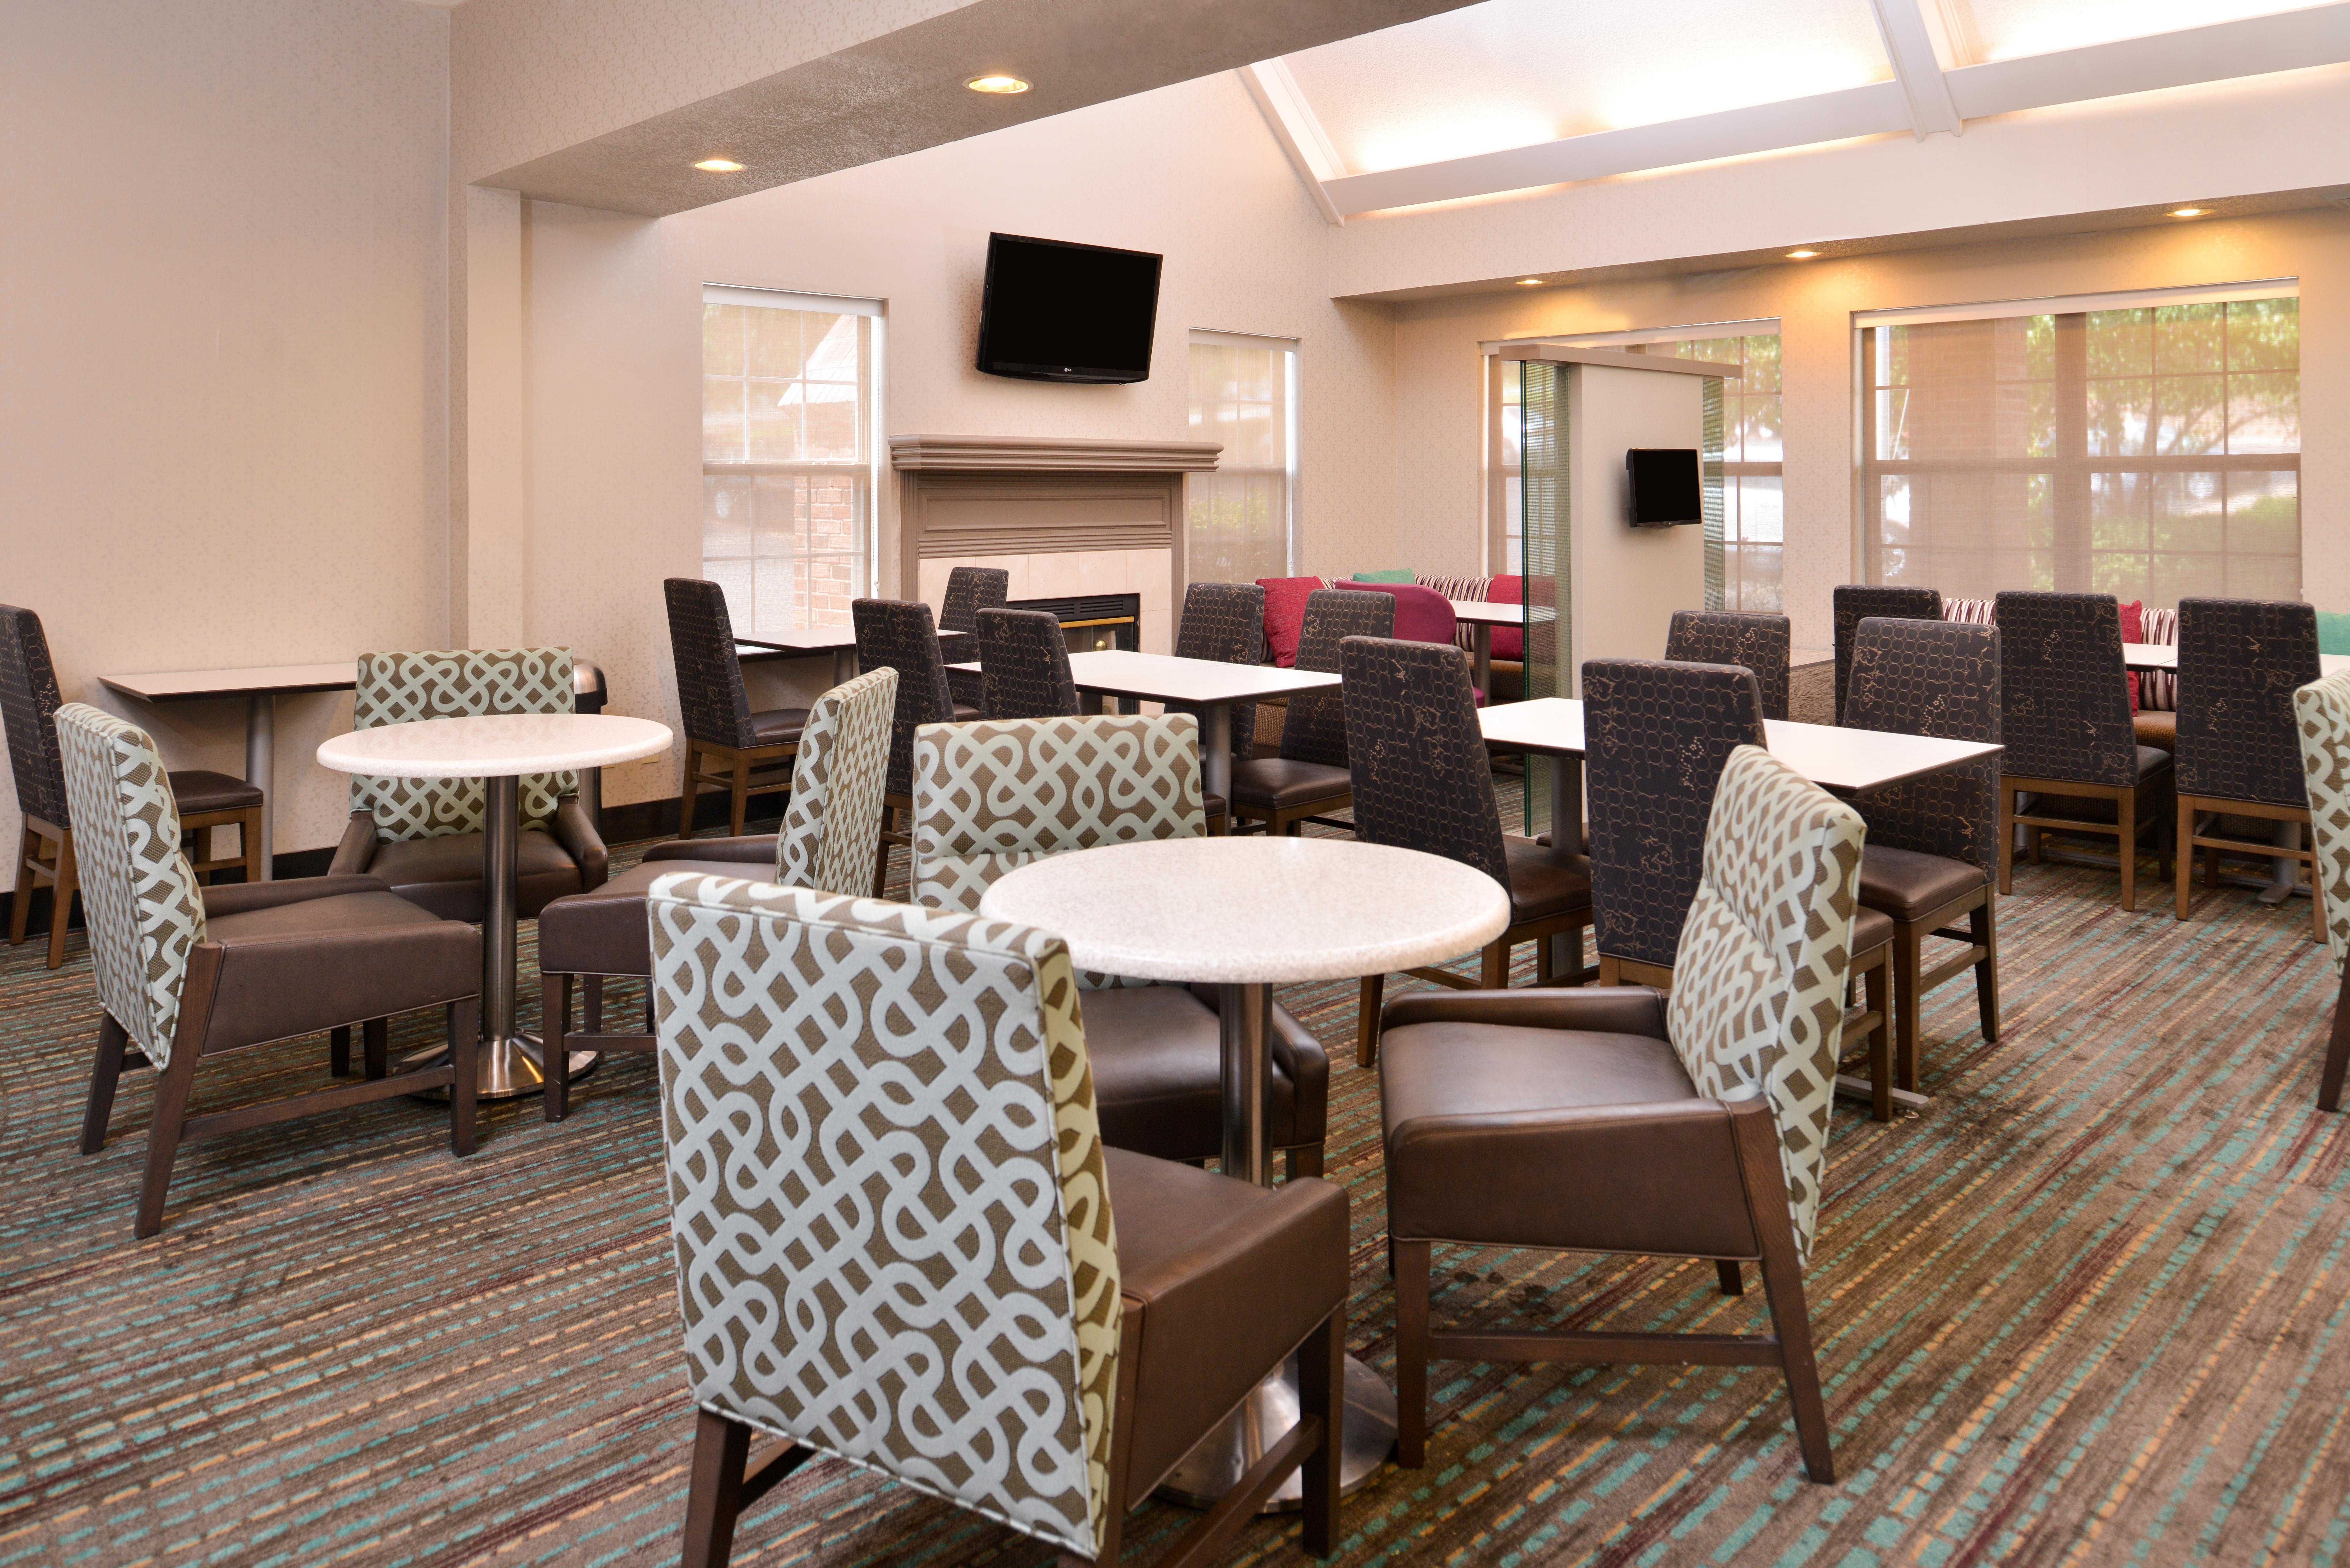 Residence Inn by Marriott Branson image 21